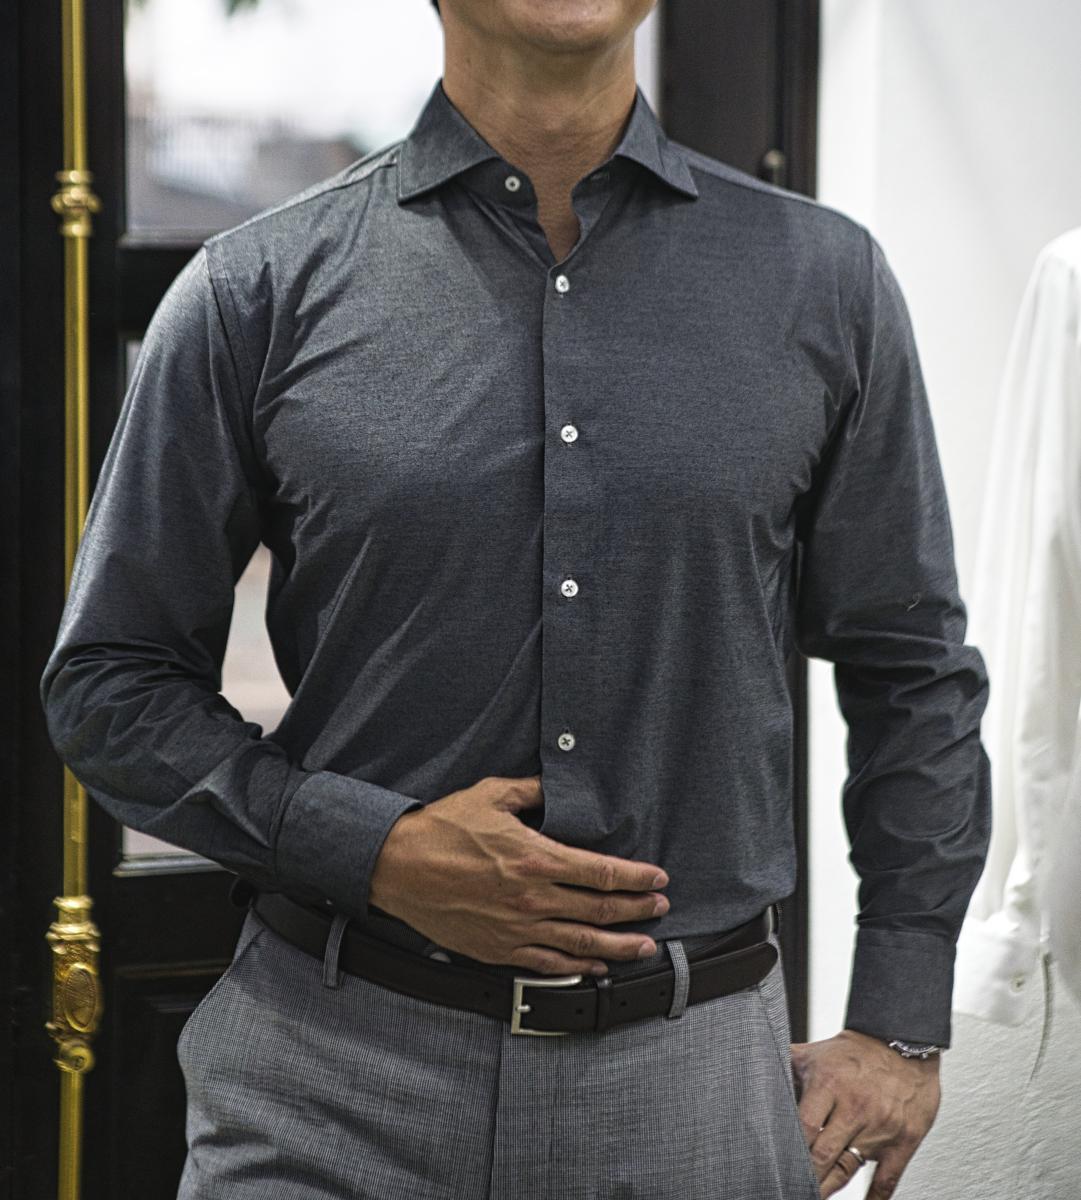 [オーダーシャツ]【Cool Max】吸水速乾に優れ、夏場のビジネスを応援します!